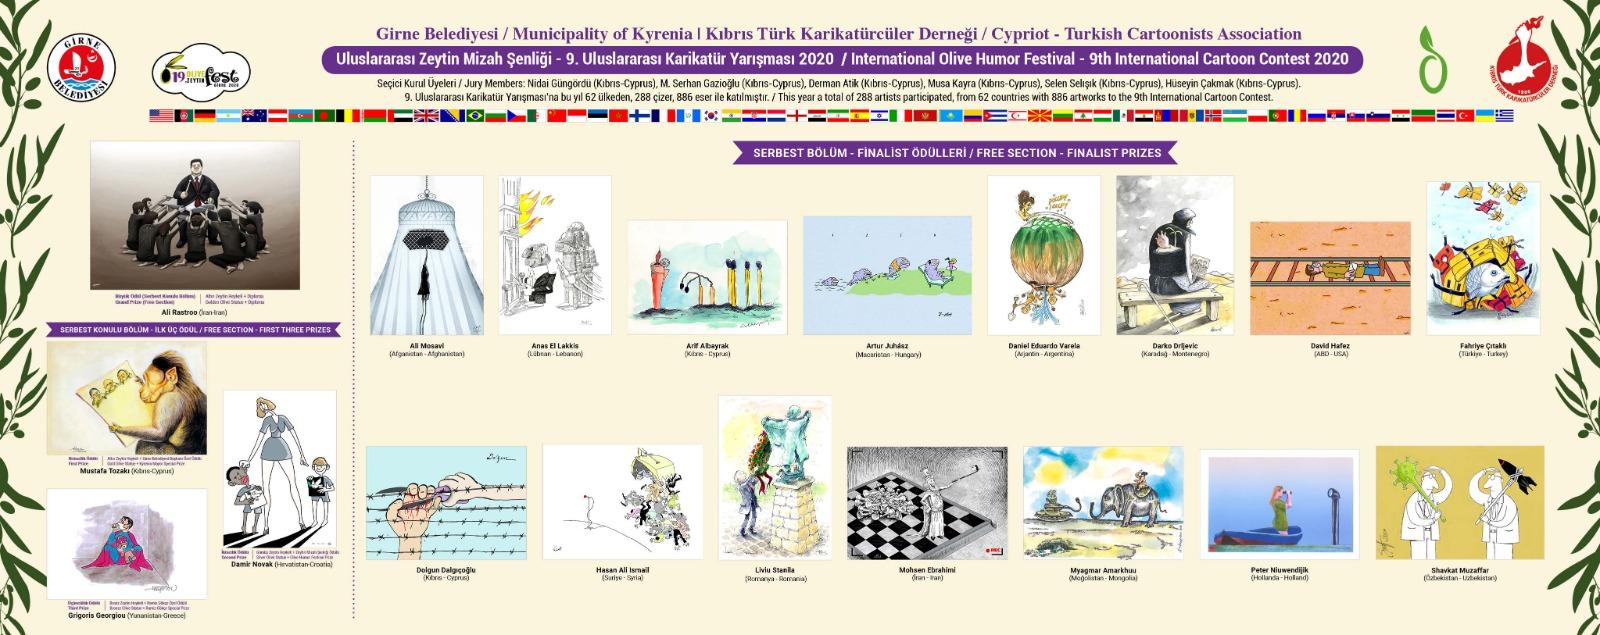 Zeytin Karikatürleri web sitesi yeniden hizmette